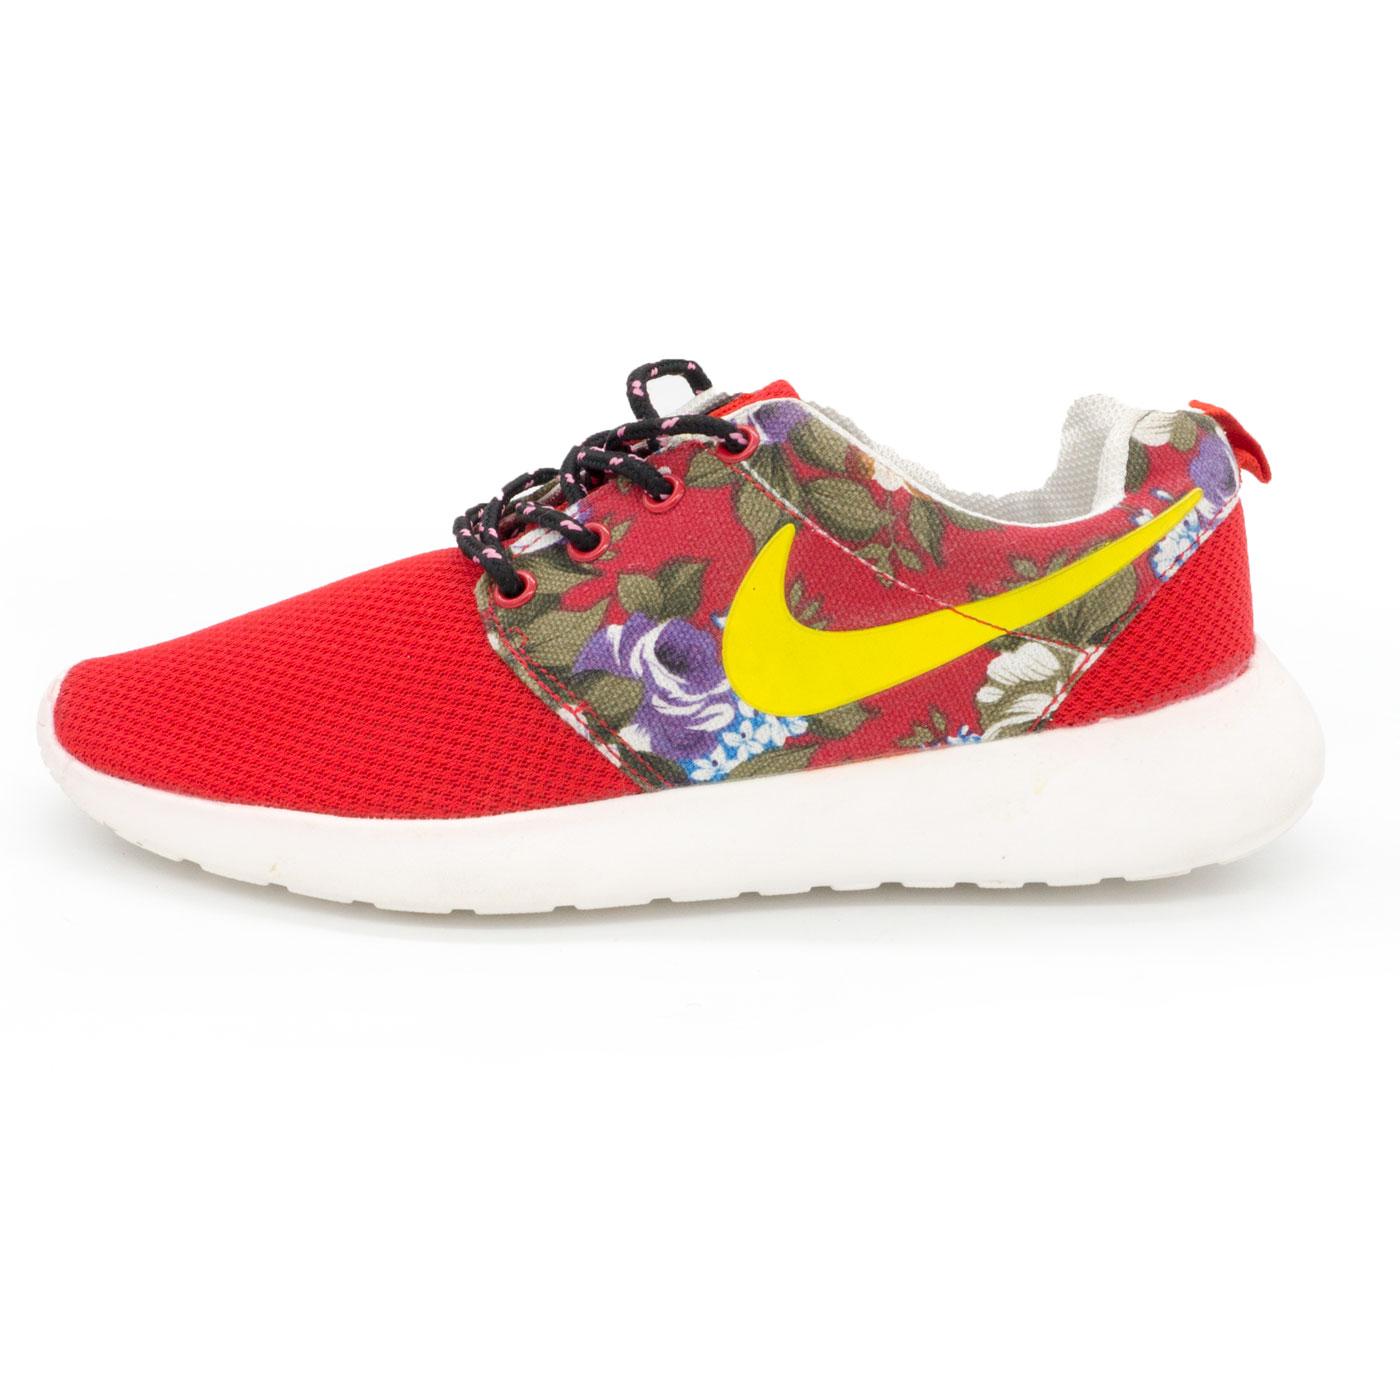 фото main Женские кроссовки Nike Roshe Run красные в цветочек main